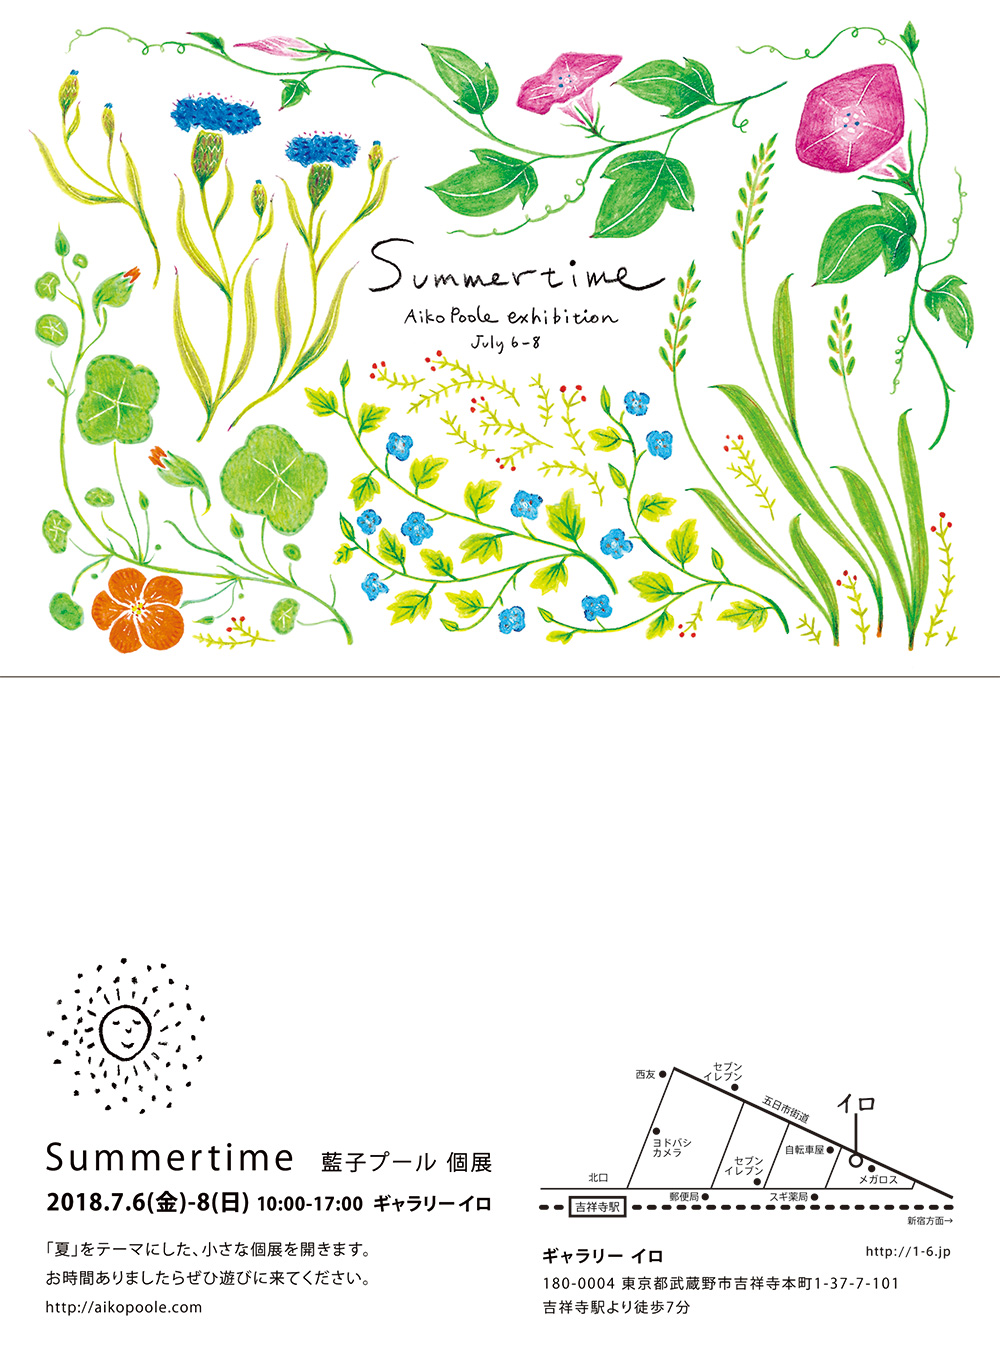 - 6-8 JulySummertimeGallery Iro (Kichijoji,Japan)7月6日-8日Summertimeギャラリーイロ(吉祥寺)